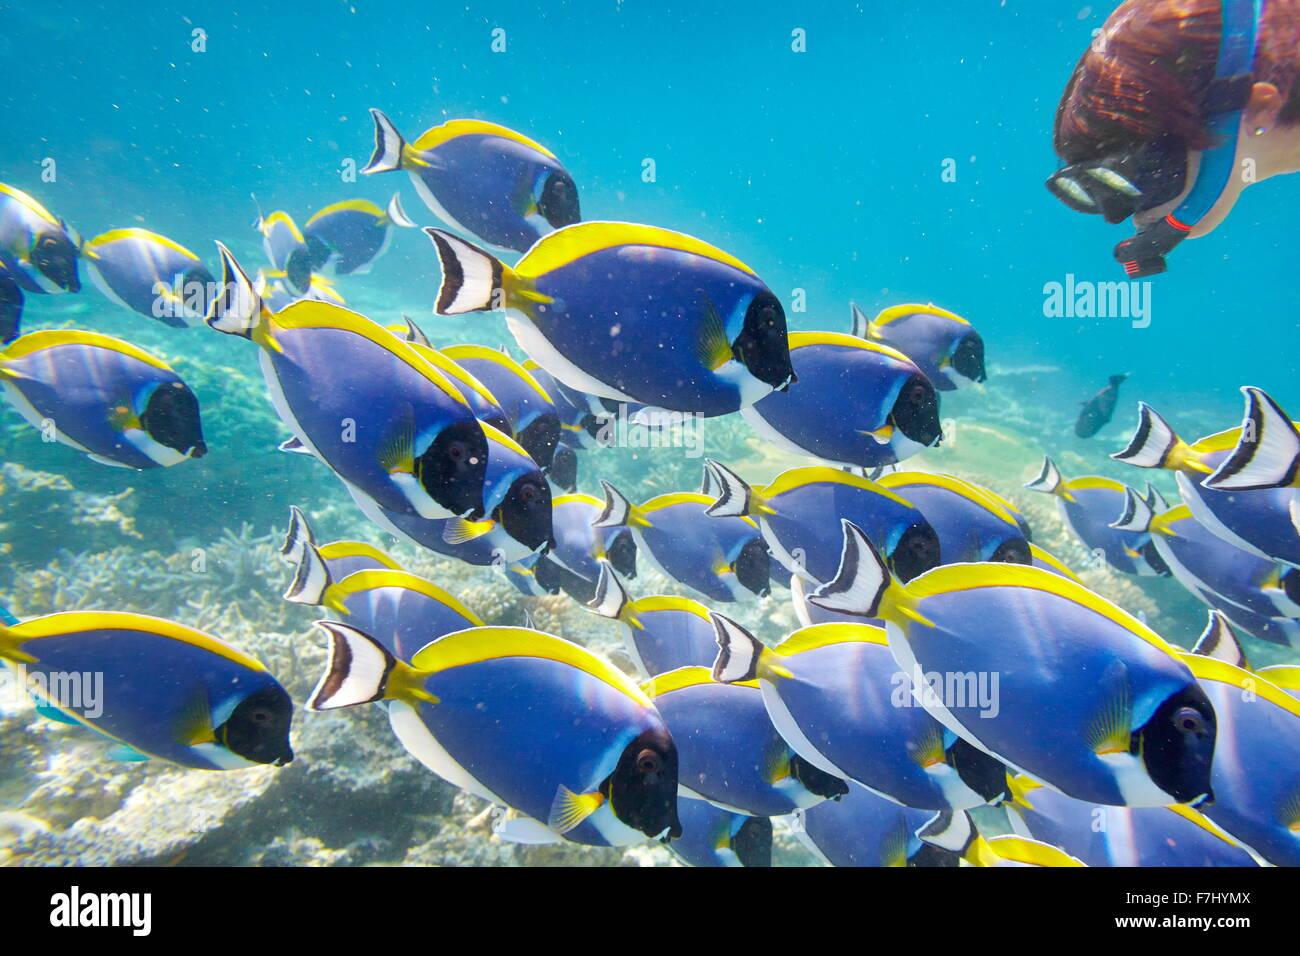 Tropical paesaggio subacqueo a isole Maldive, Oceano Indiano Immagini Stock